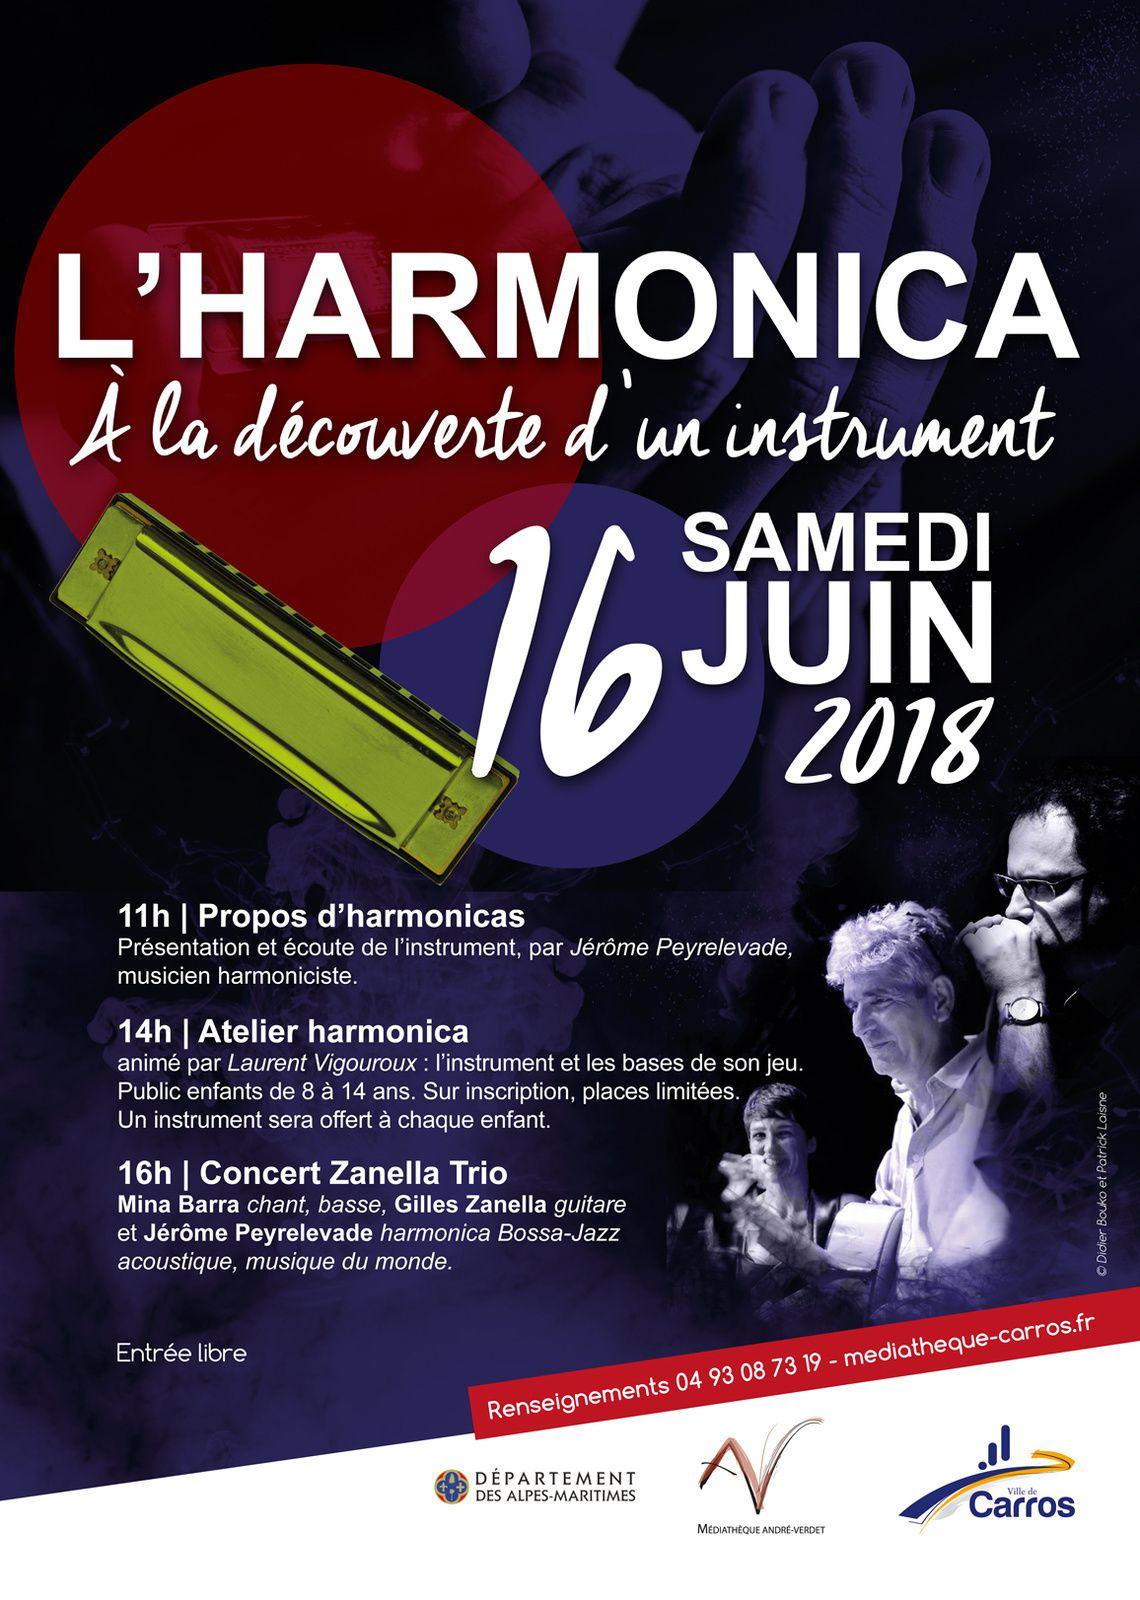 Journée spéciale Harmonica à Carros le 16 juin !